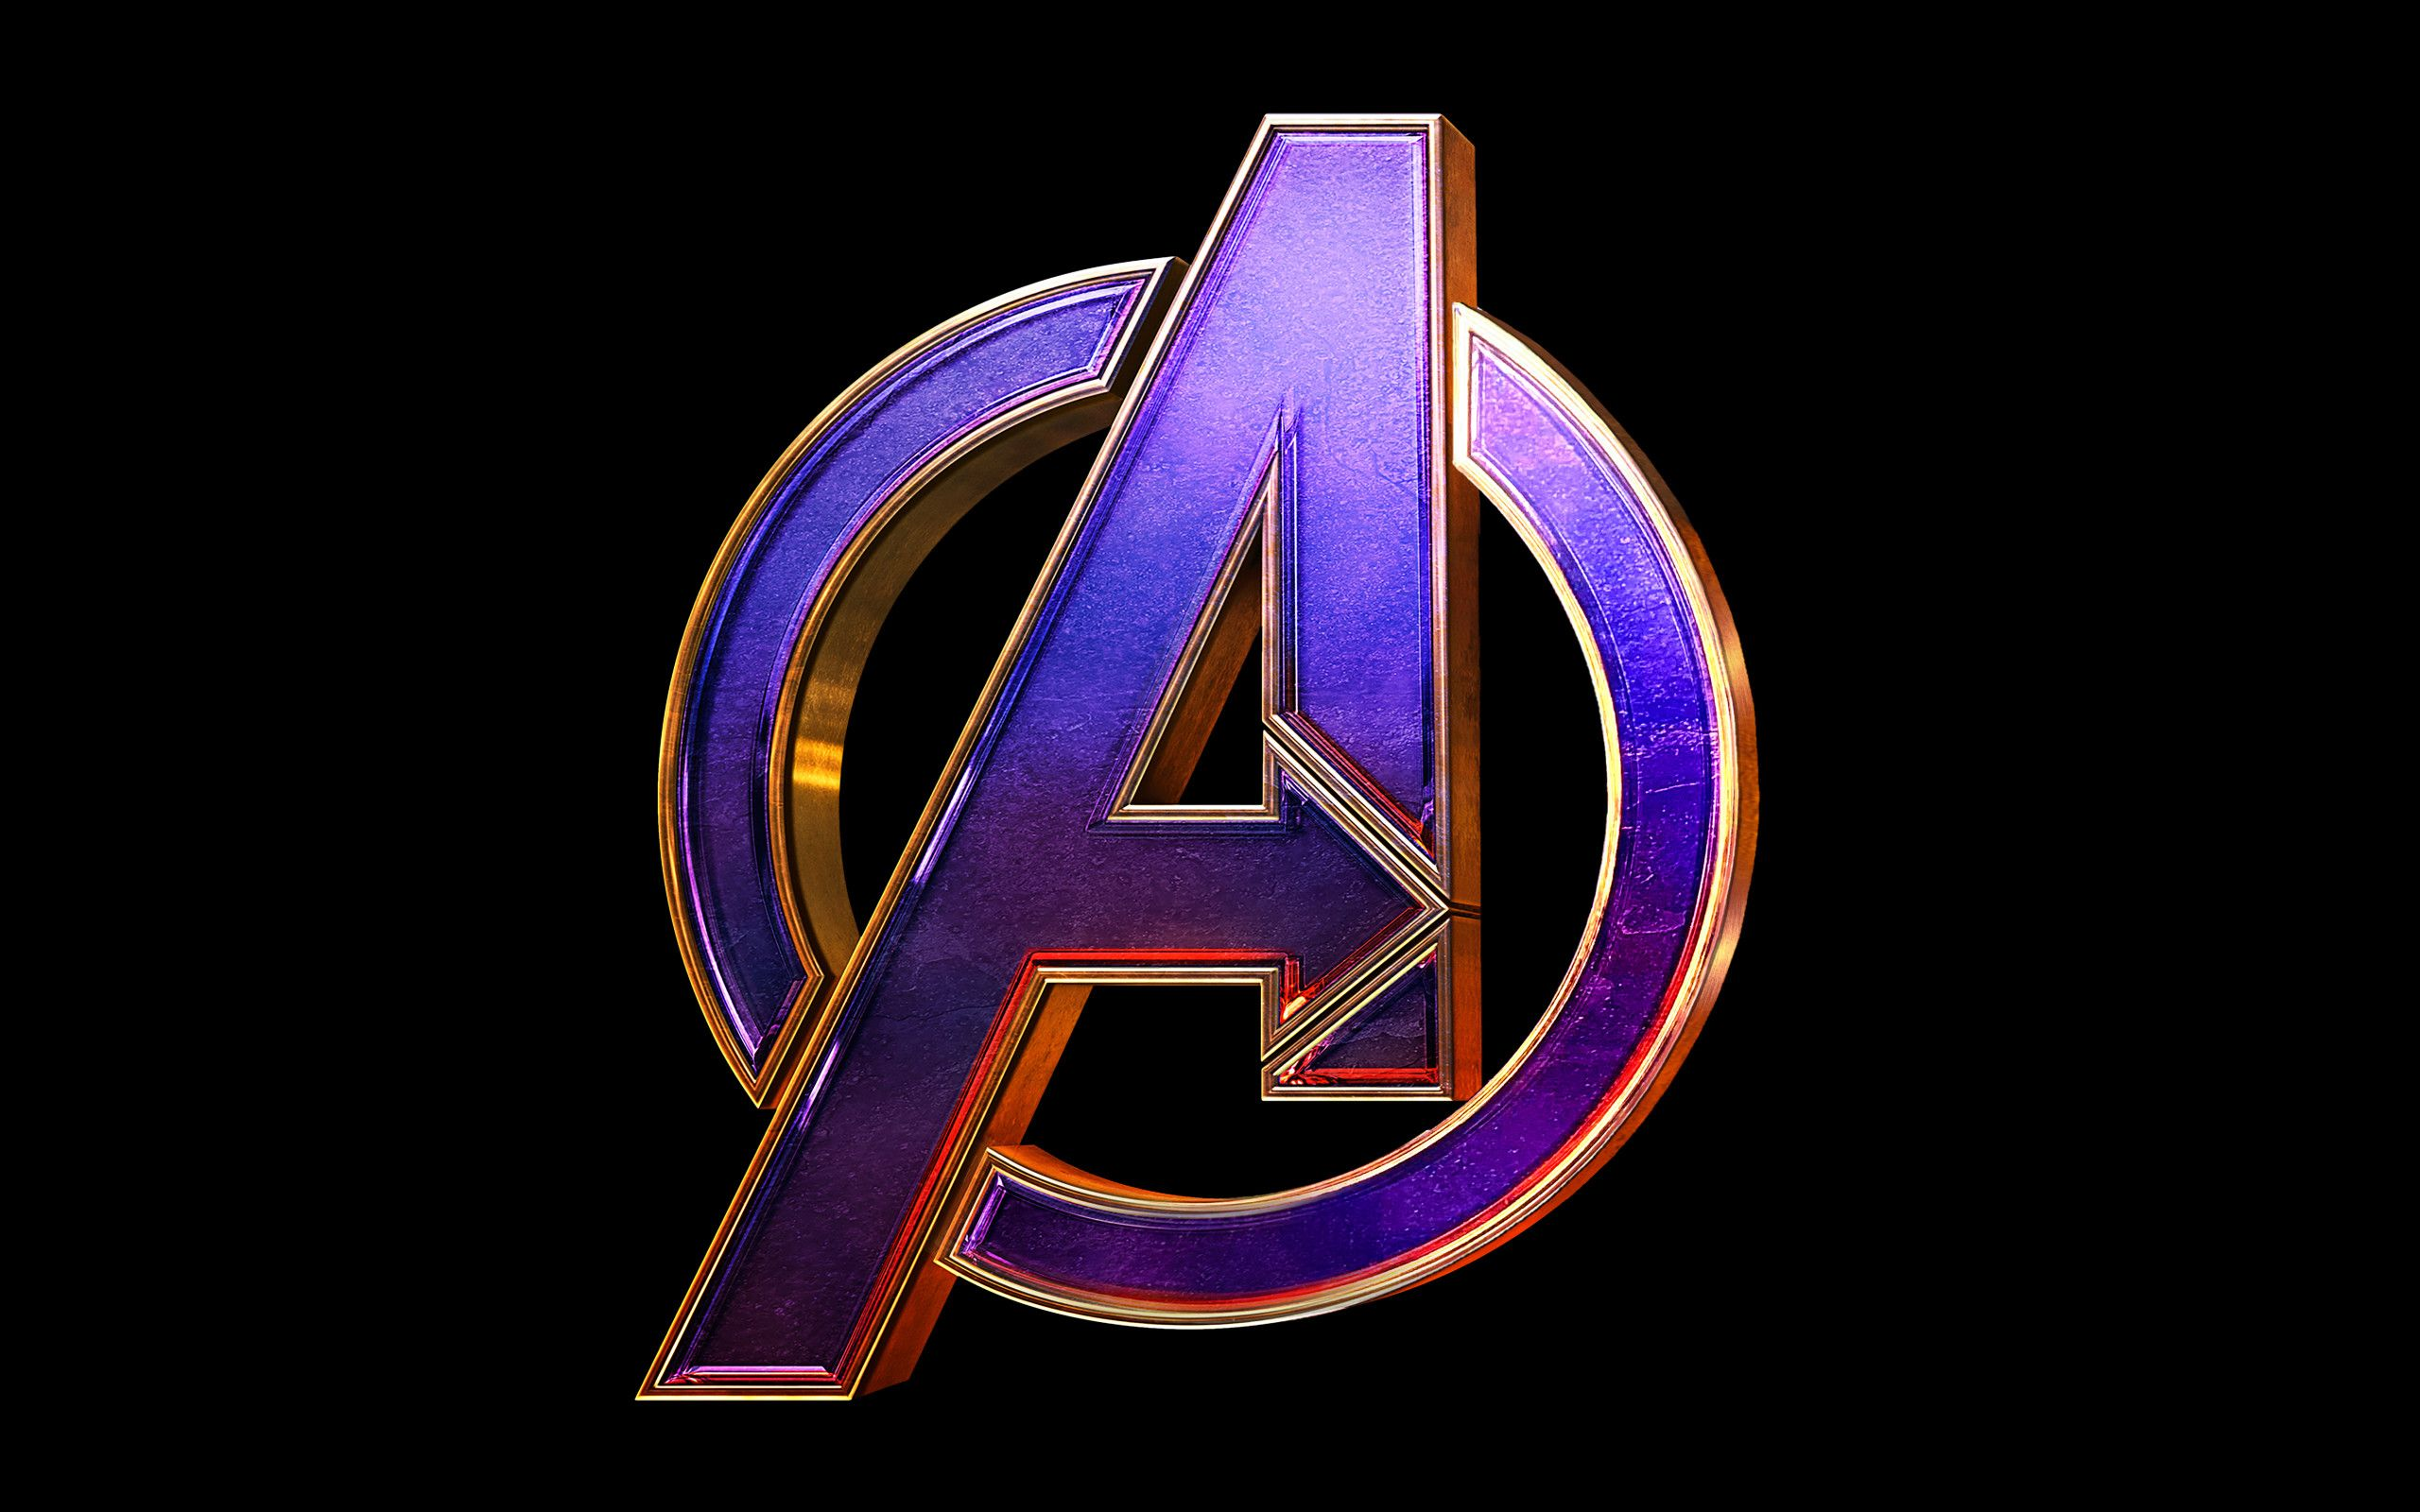 Download Avengers Endgame Logo Hd Wallpaper Download Avengers Logo Marvel Background Logo Wallpaper Hd